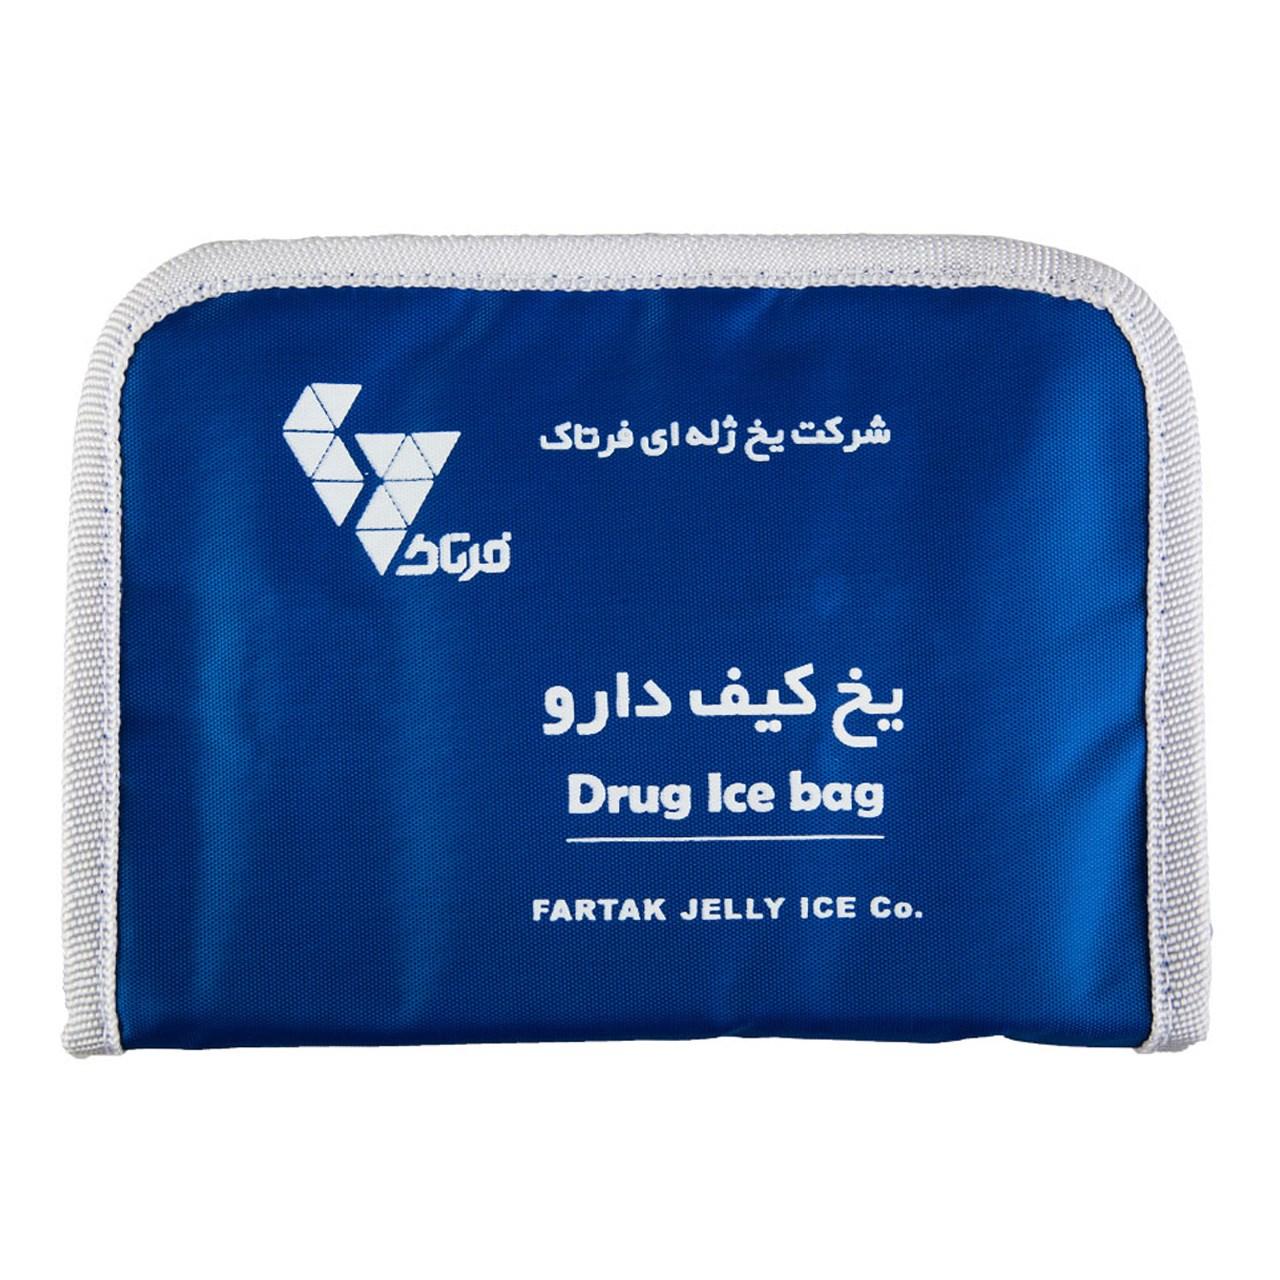 کیف خنک نگهدارنده انسولین و دارو فرتاک